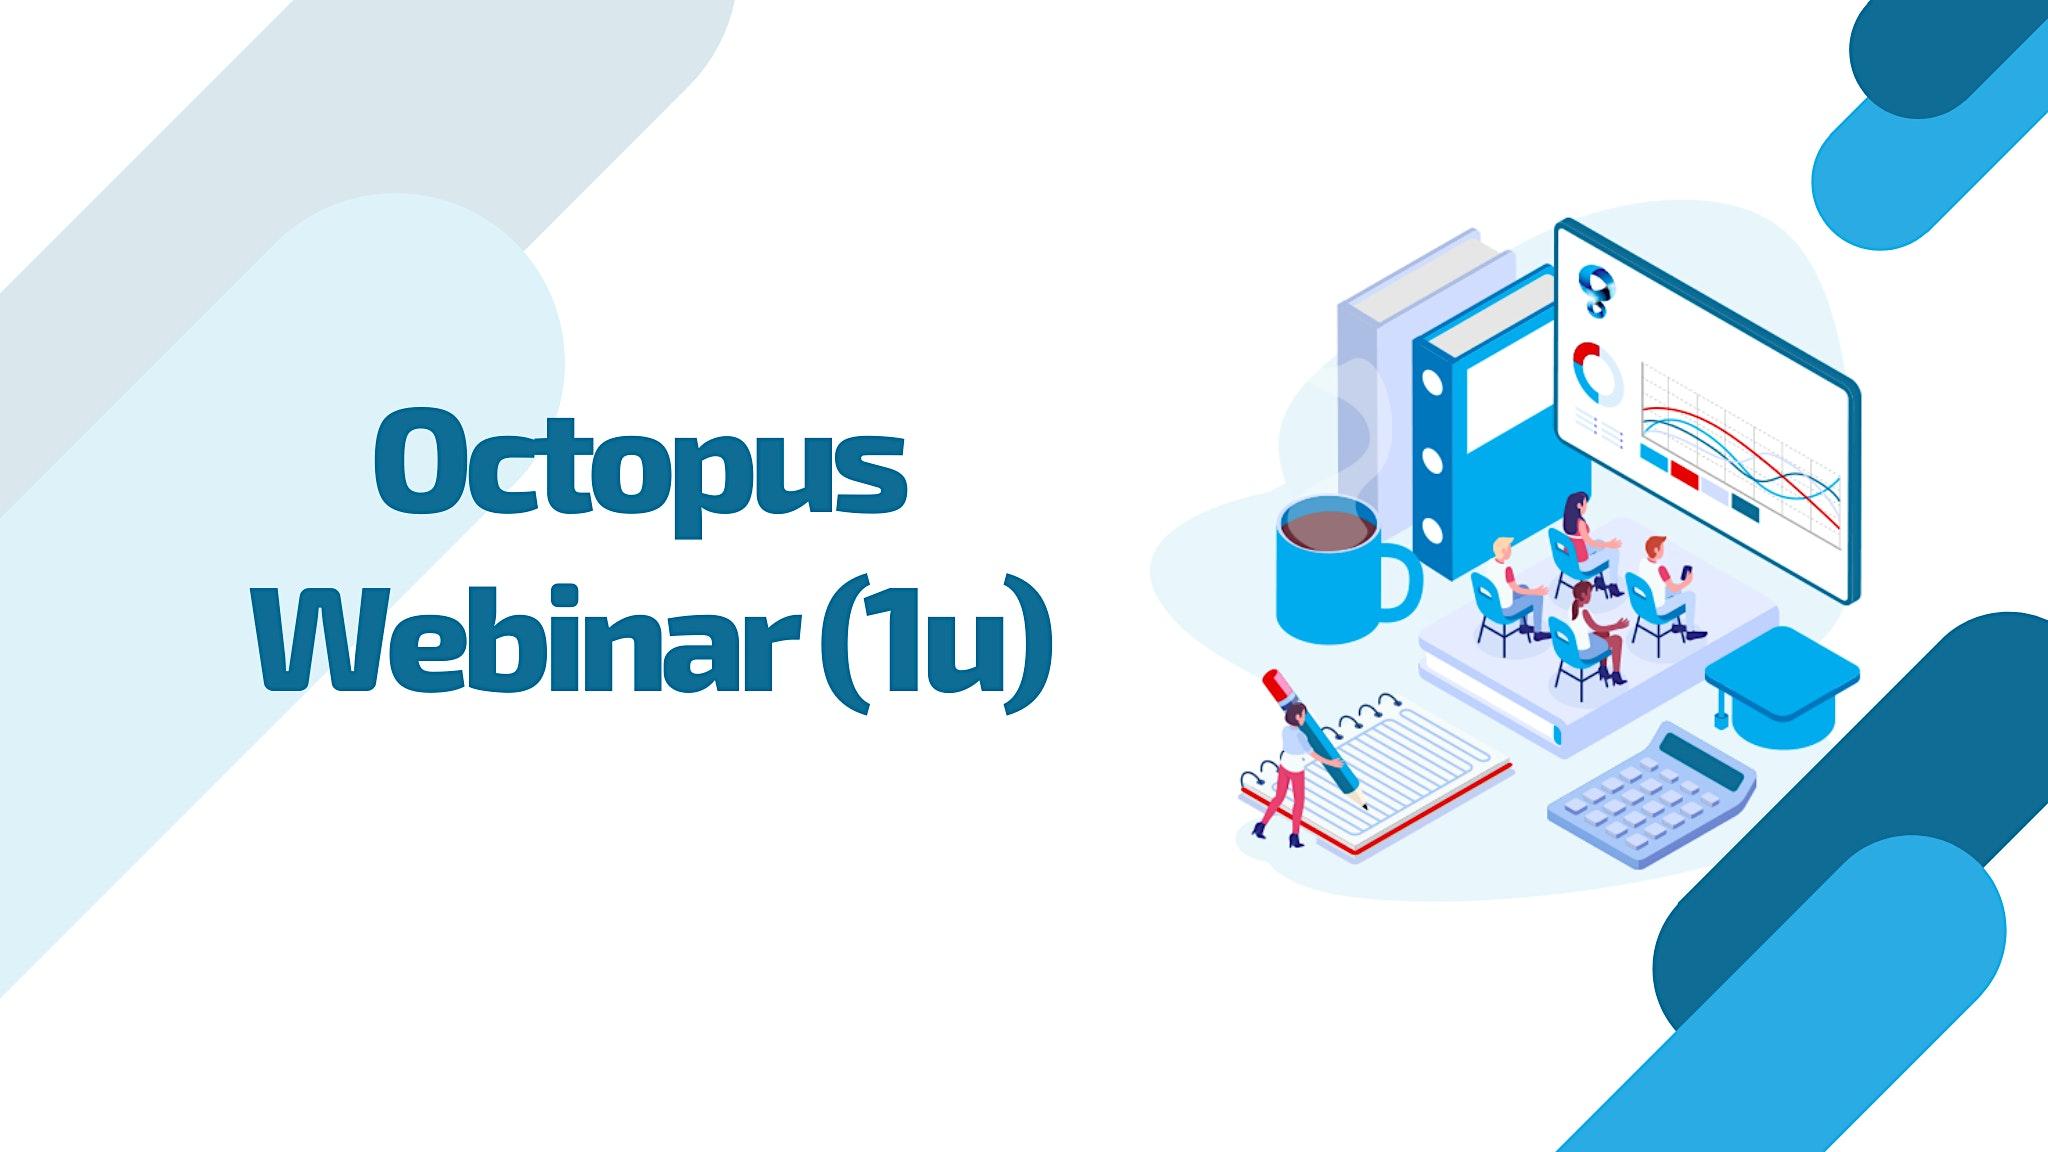 Octopus Webinar: Digitaliseren met Octopus